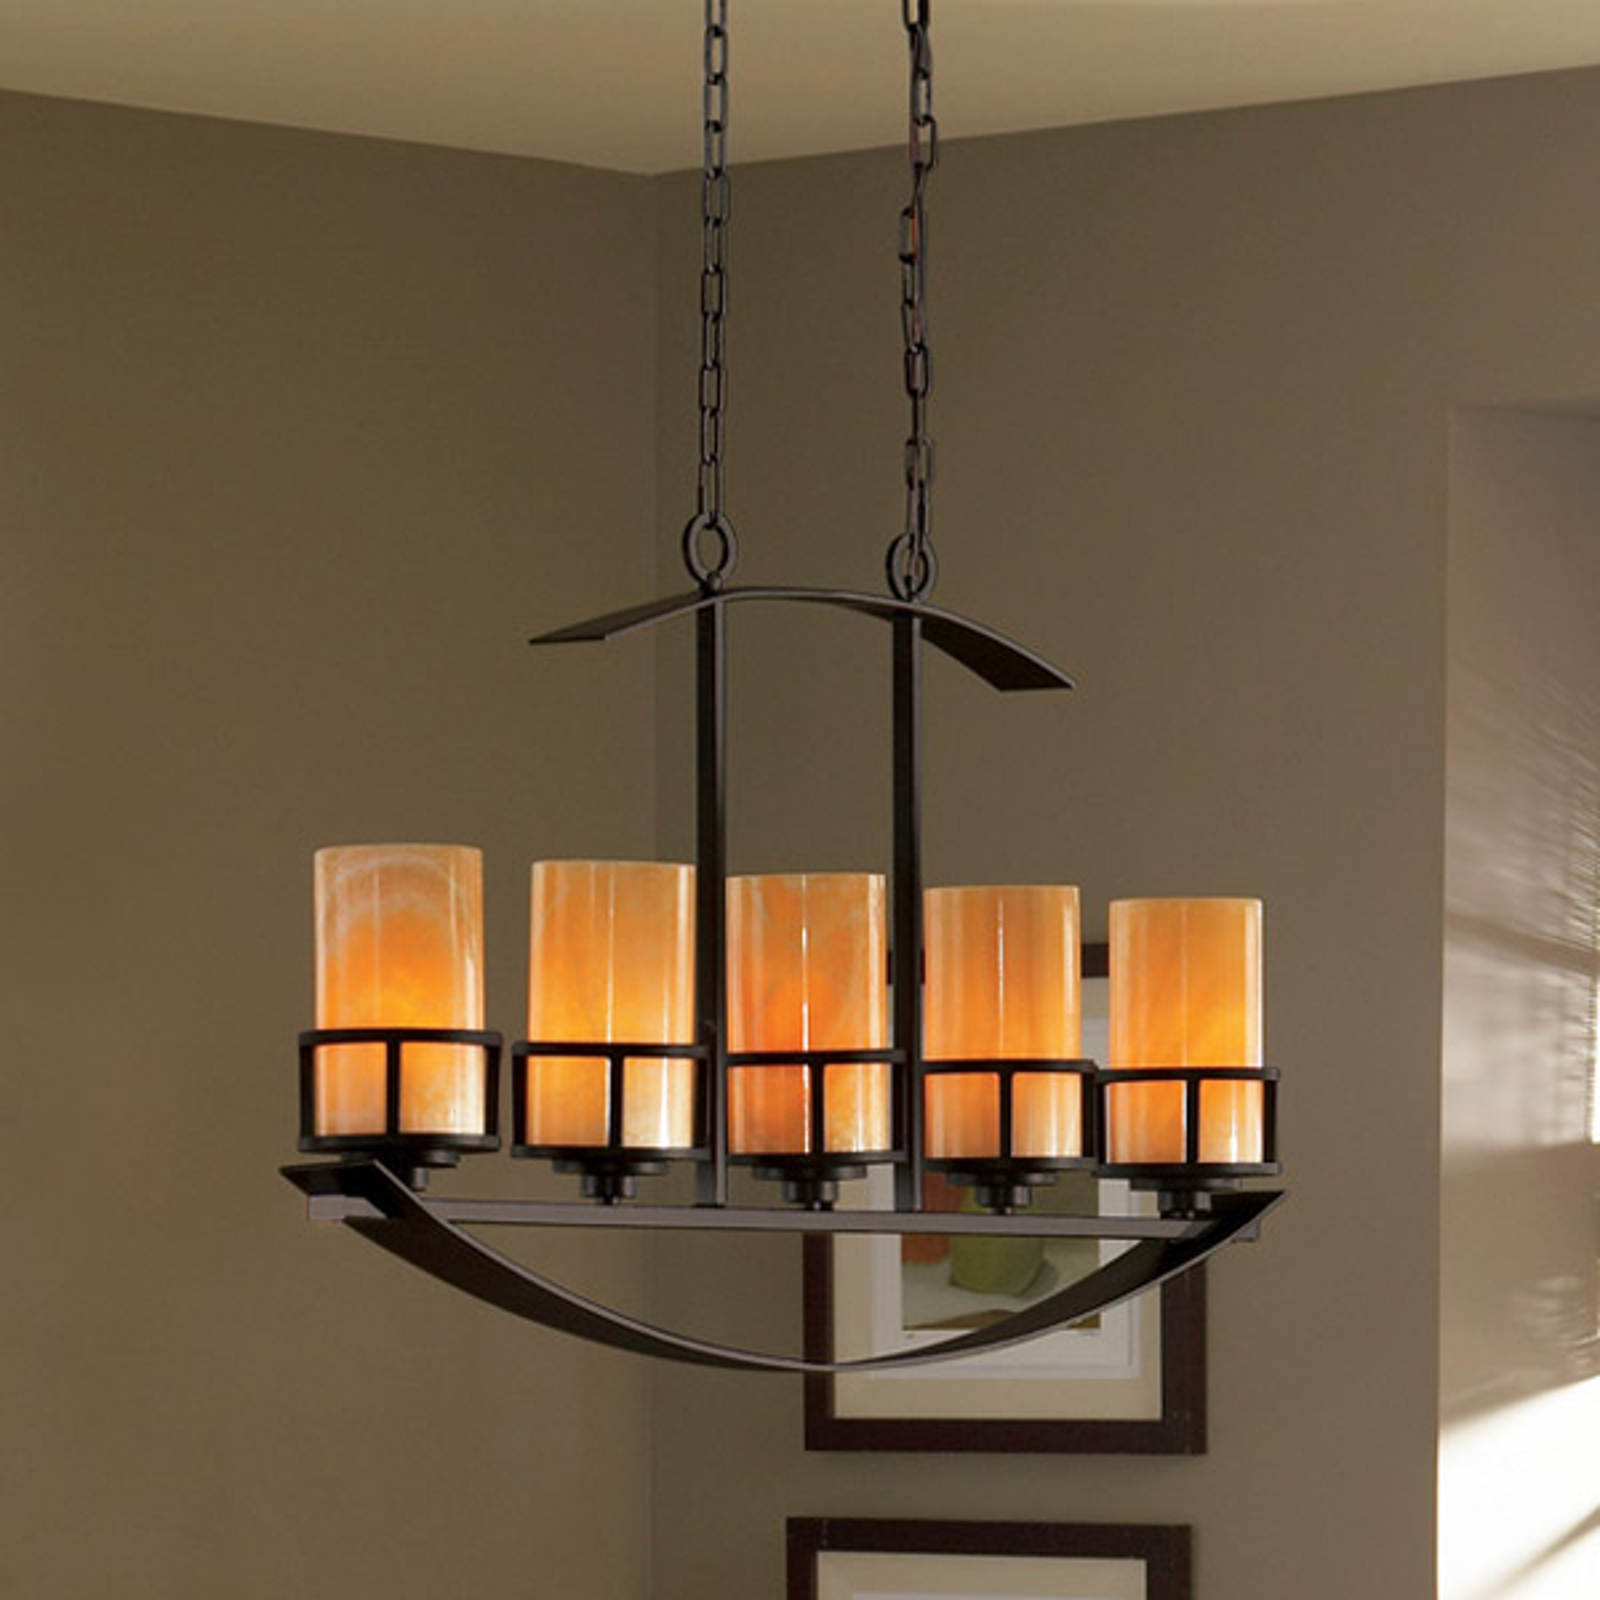 Dlhá závesná lampa Kyle s 5 onyxovými tienidlami_3048336_1